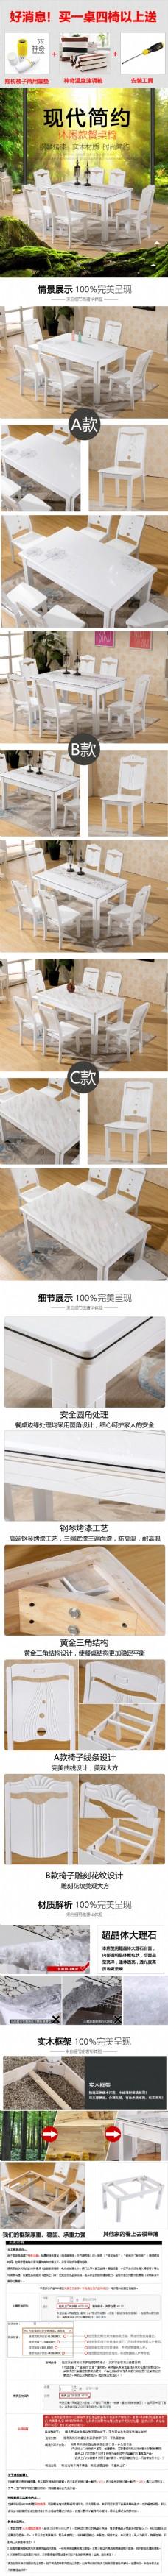 餐桌椅子组合详情  大理石面板